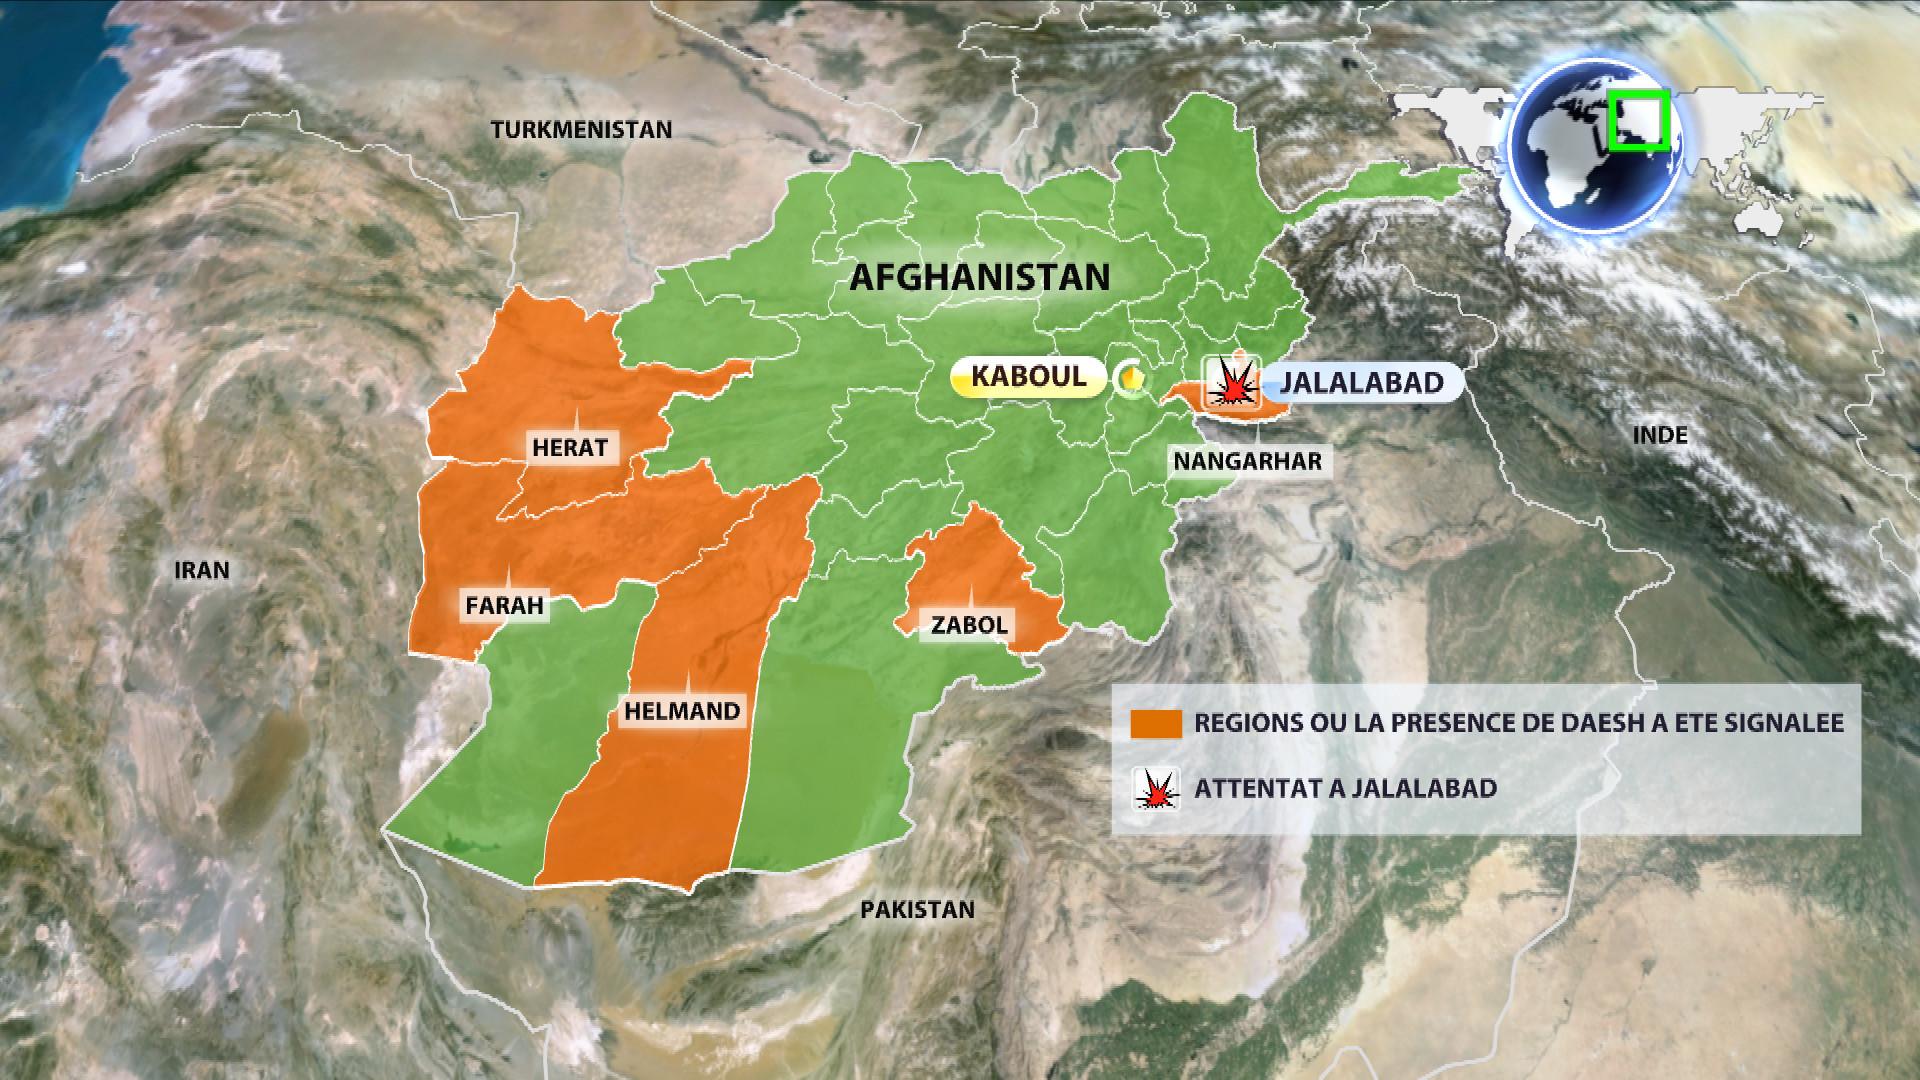 Président Ashraf Ghani : Daesh a revendiqué de l'attentat en Afghanistan